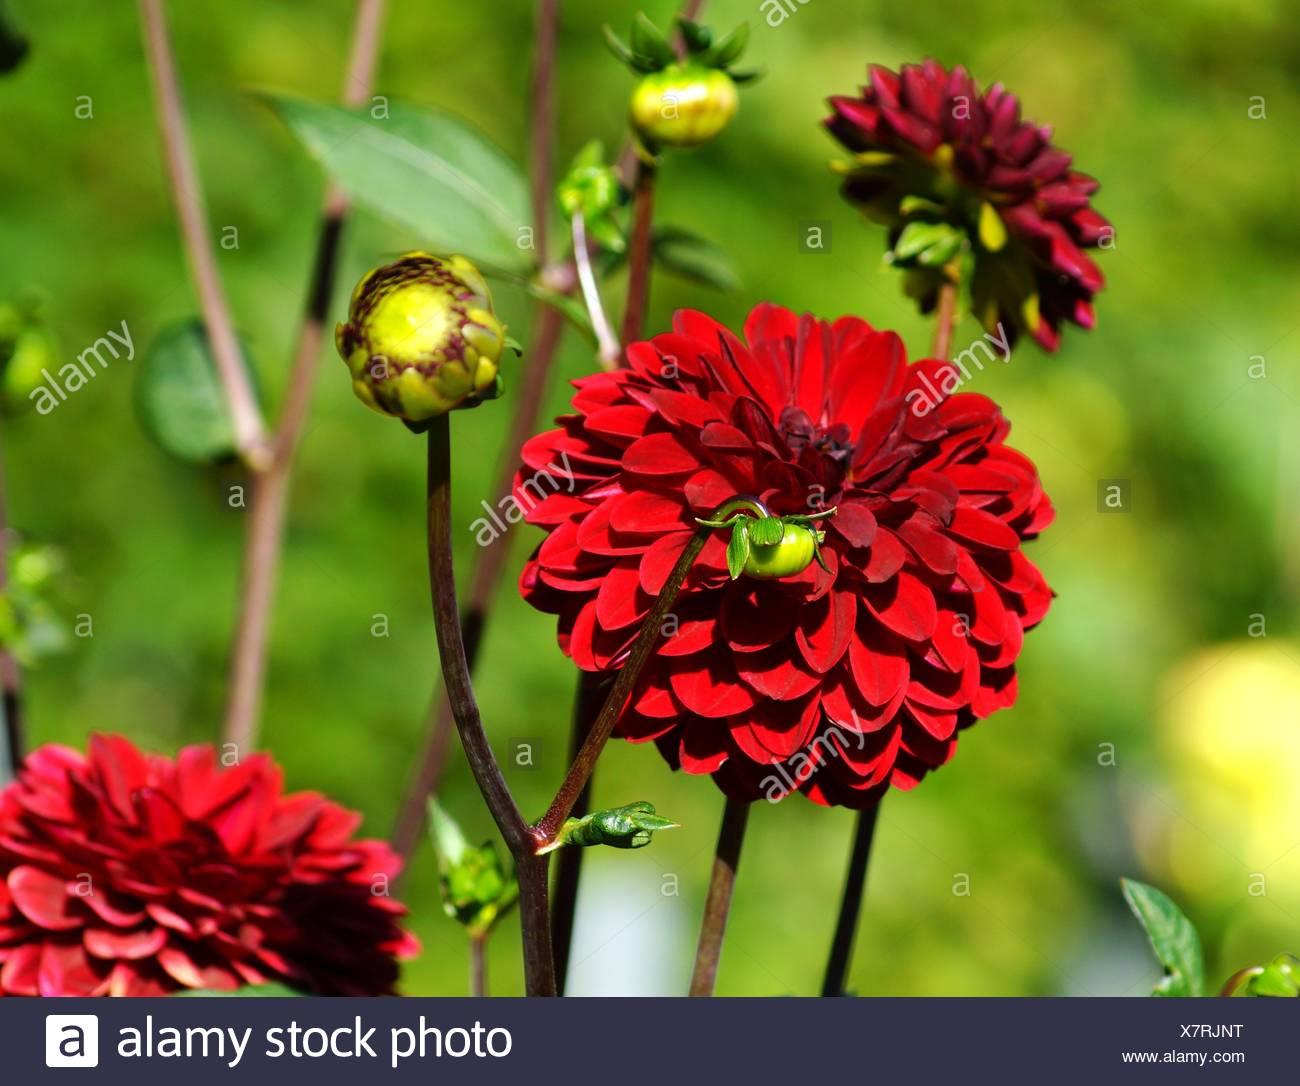 Fantastisch Bilder Von Frühlingsblumen Zu Färben Fotos - Druckbare ...